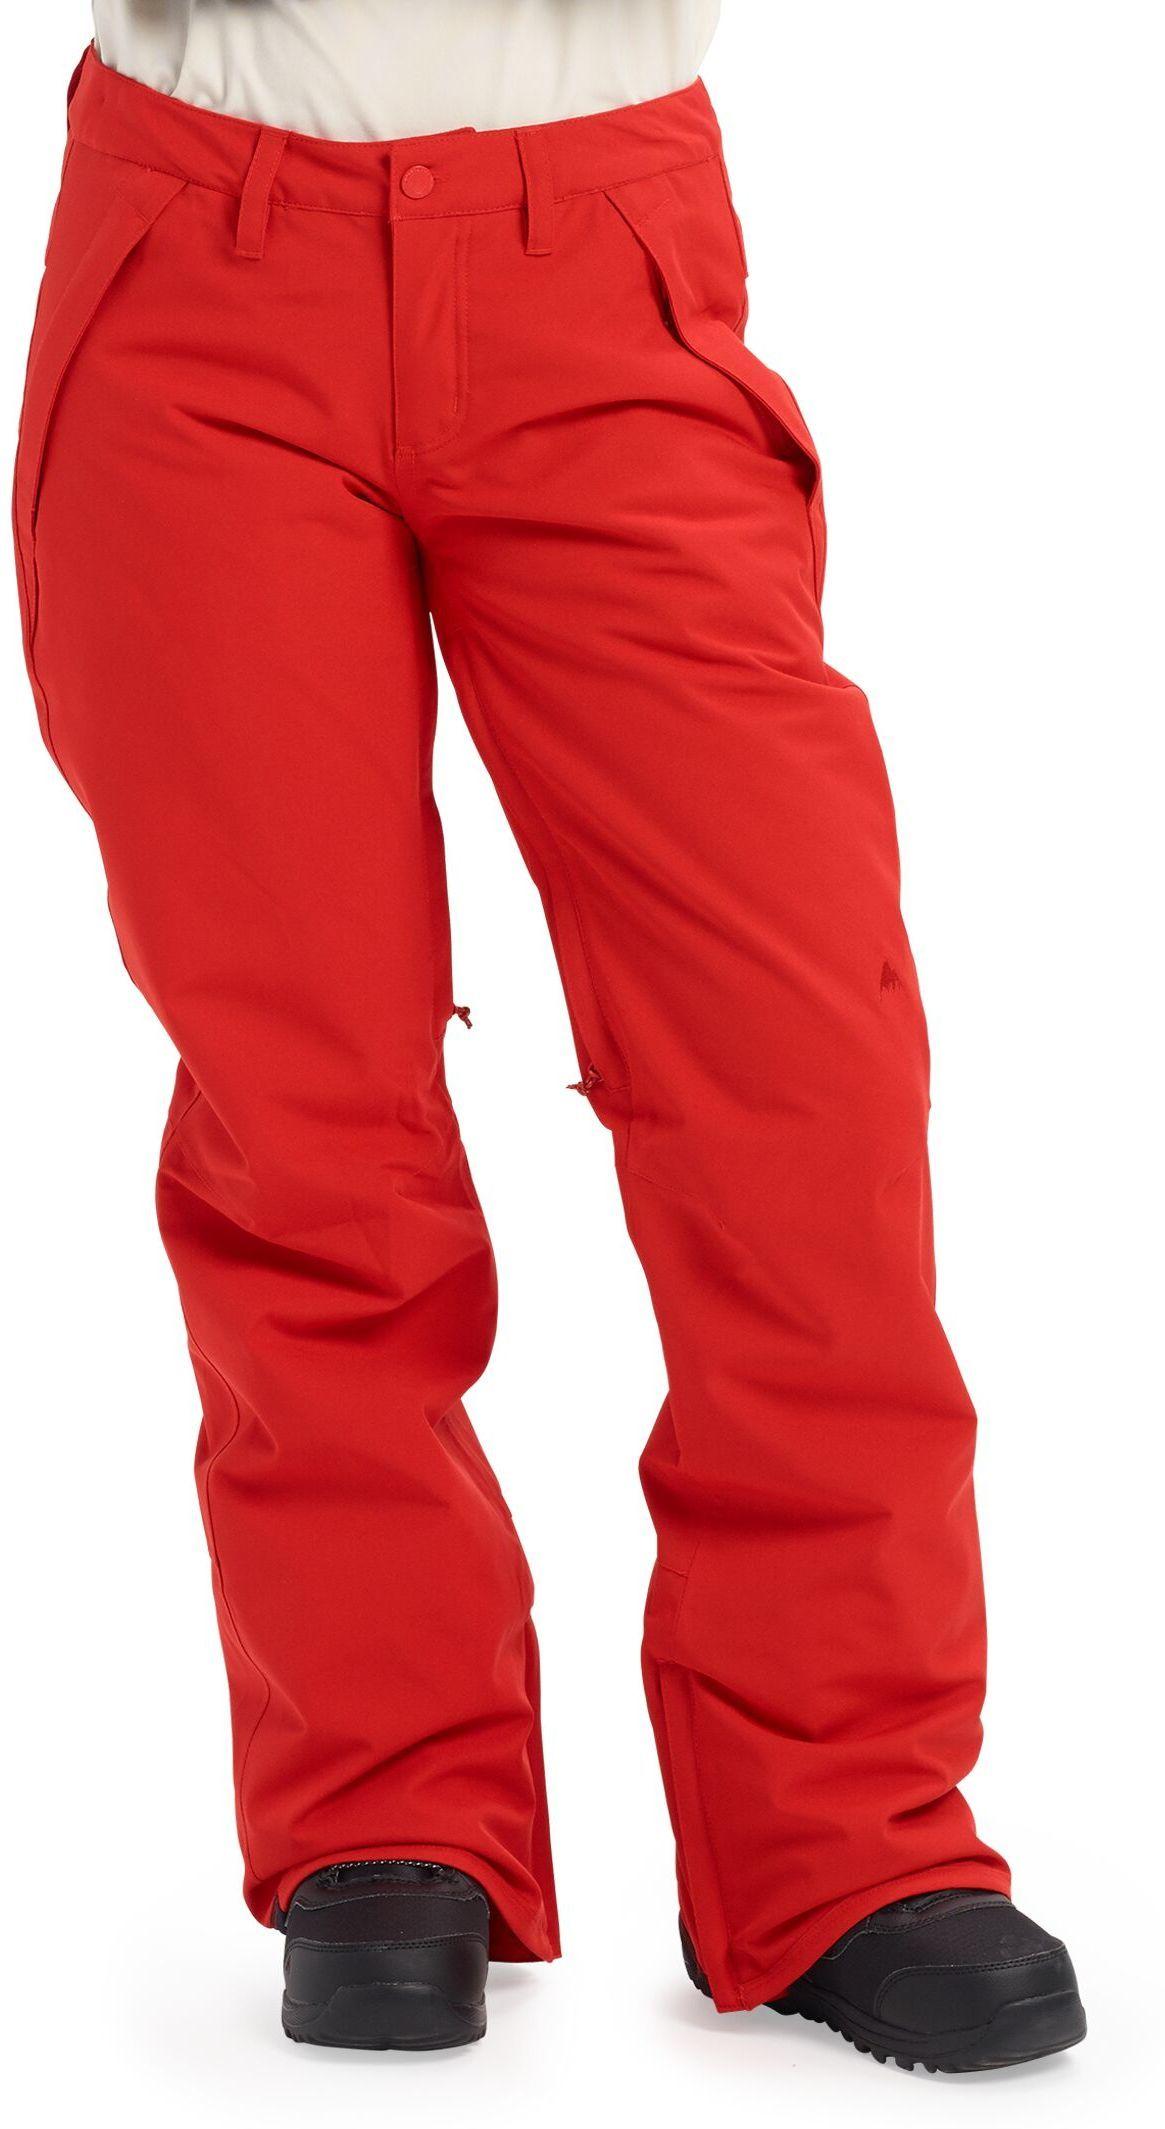 zimowe spodnie damskie BURTON SOCIETY PT Flame Scarlet